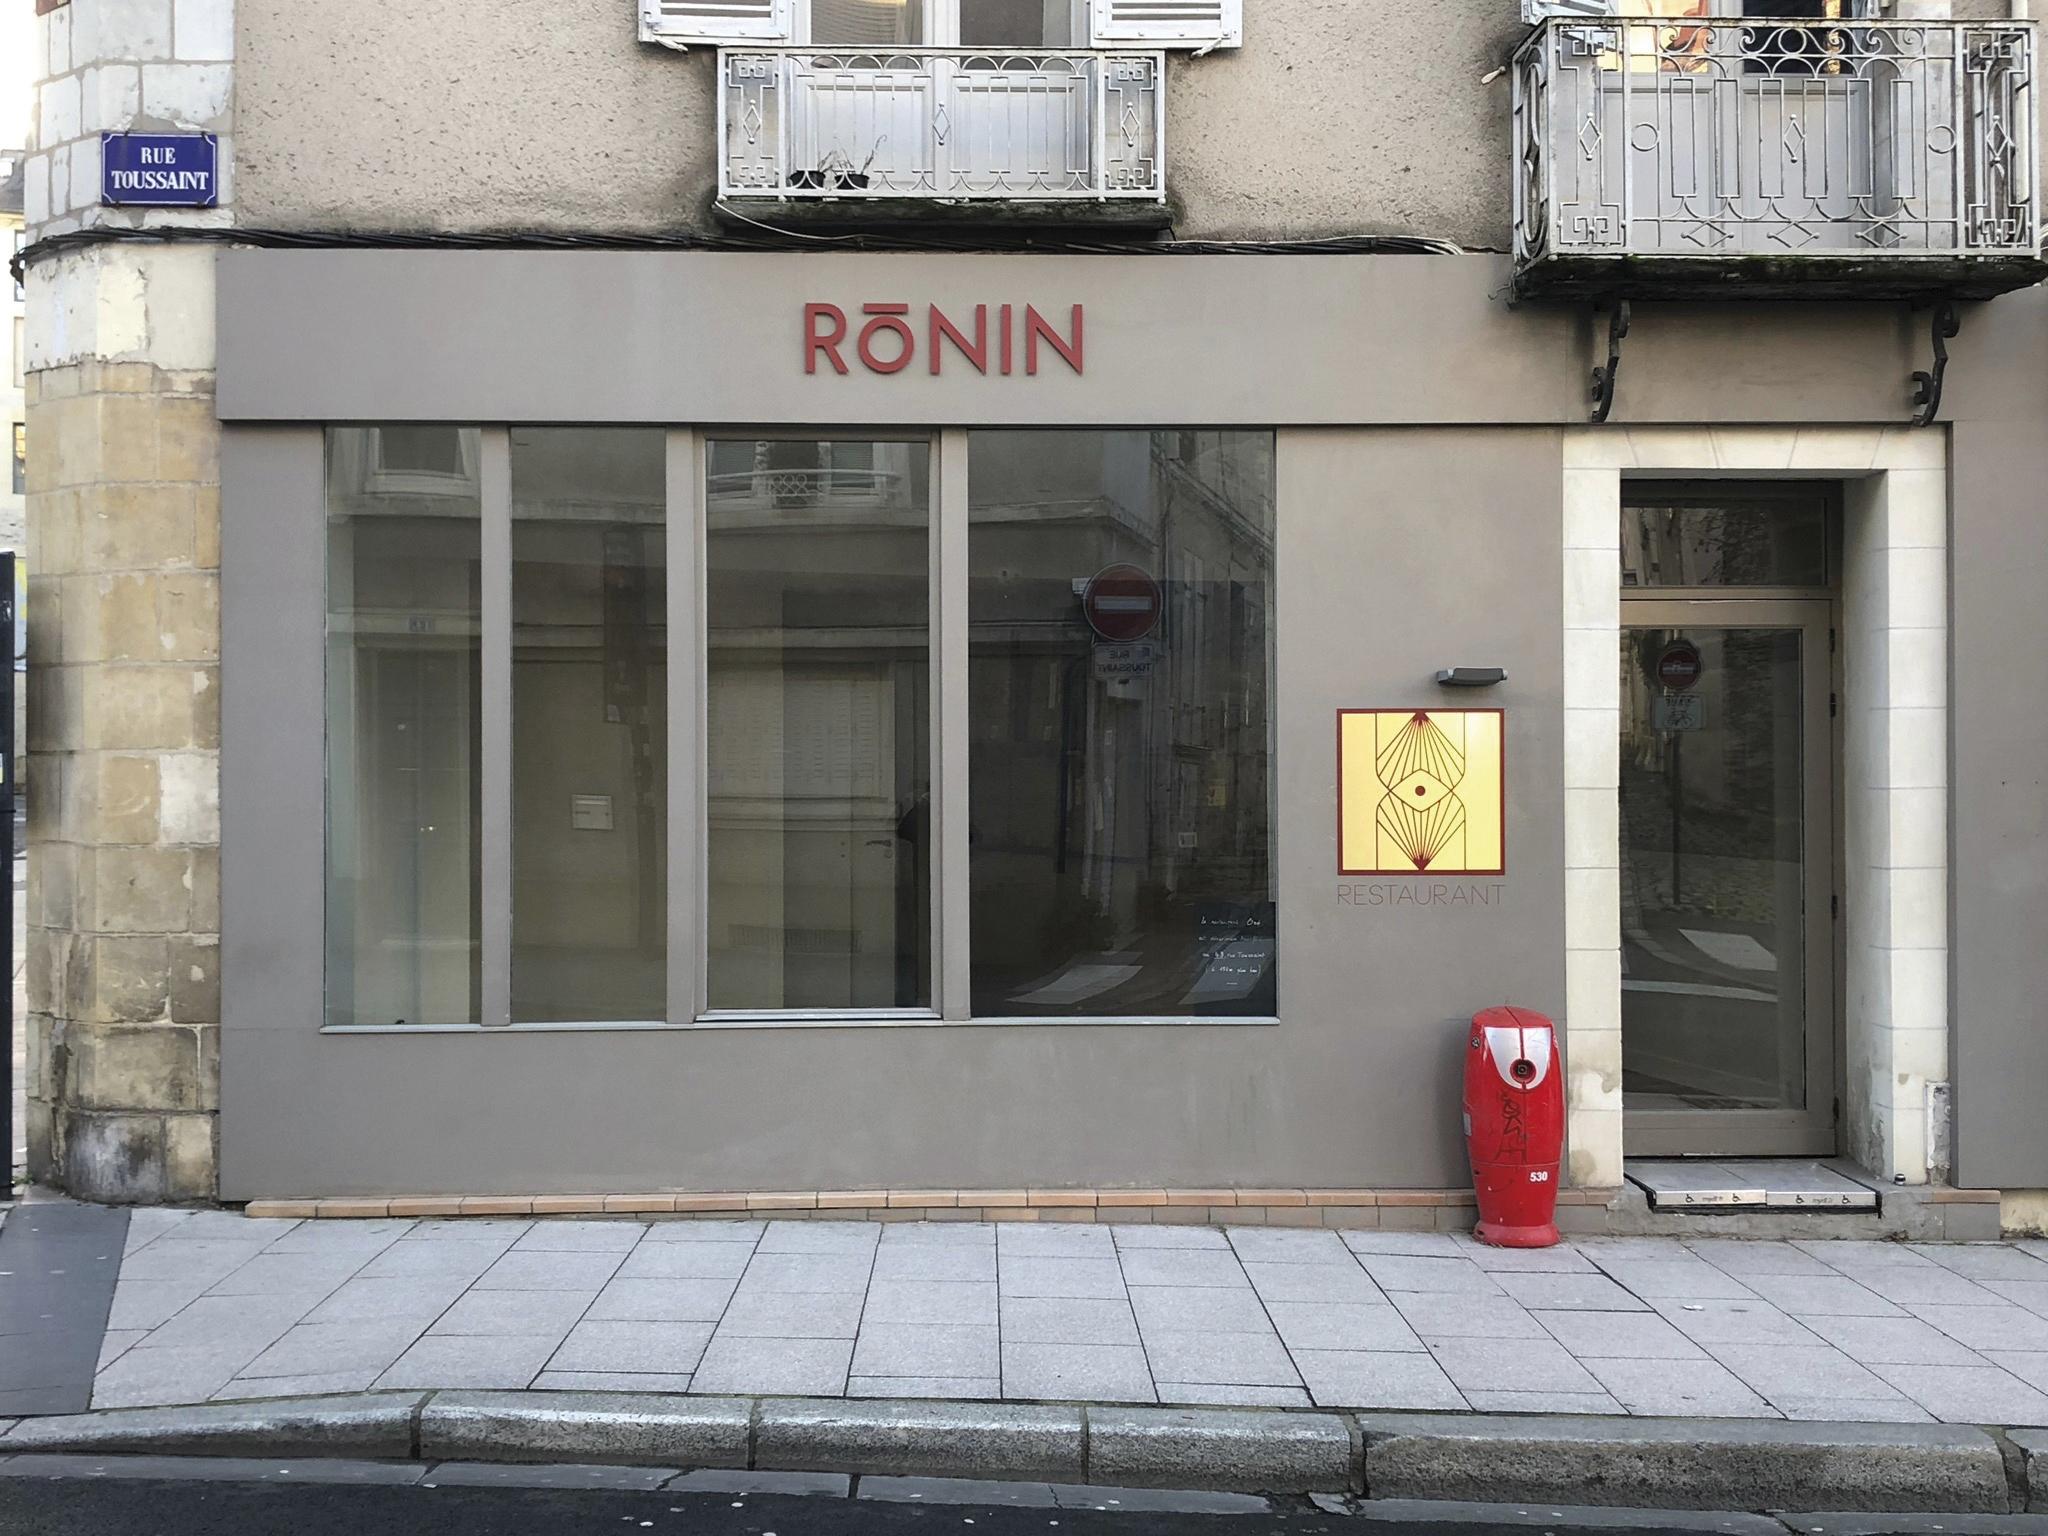 Façade du restaurant Ronin àAngers